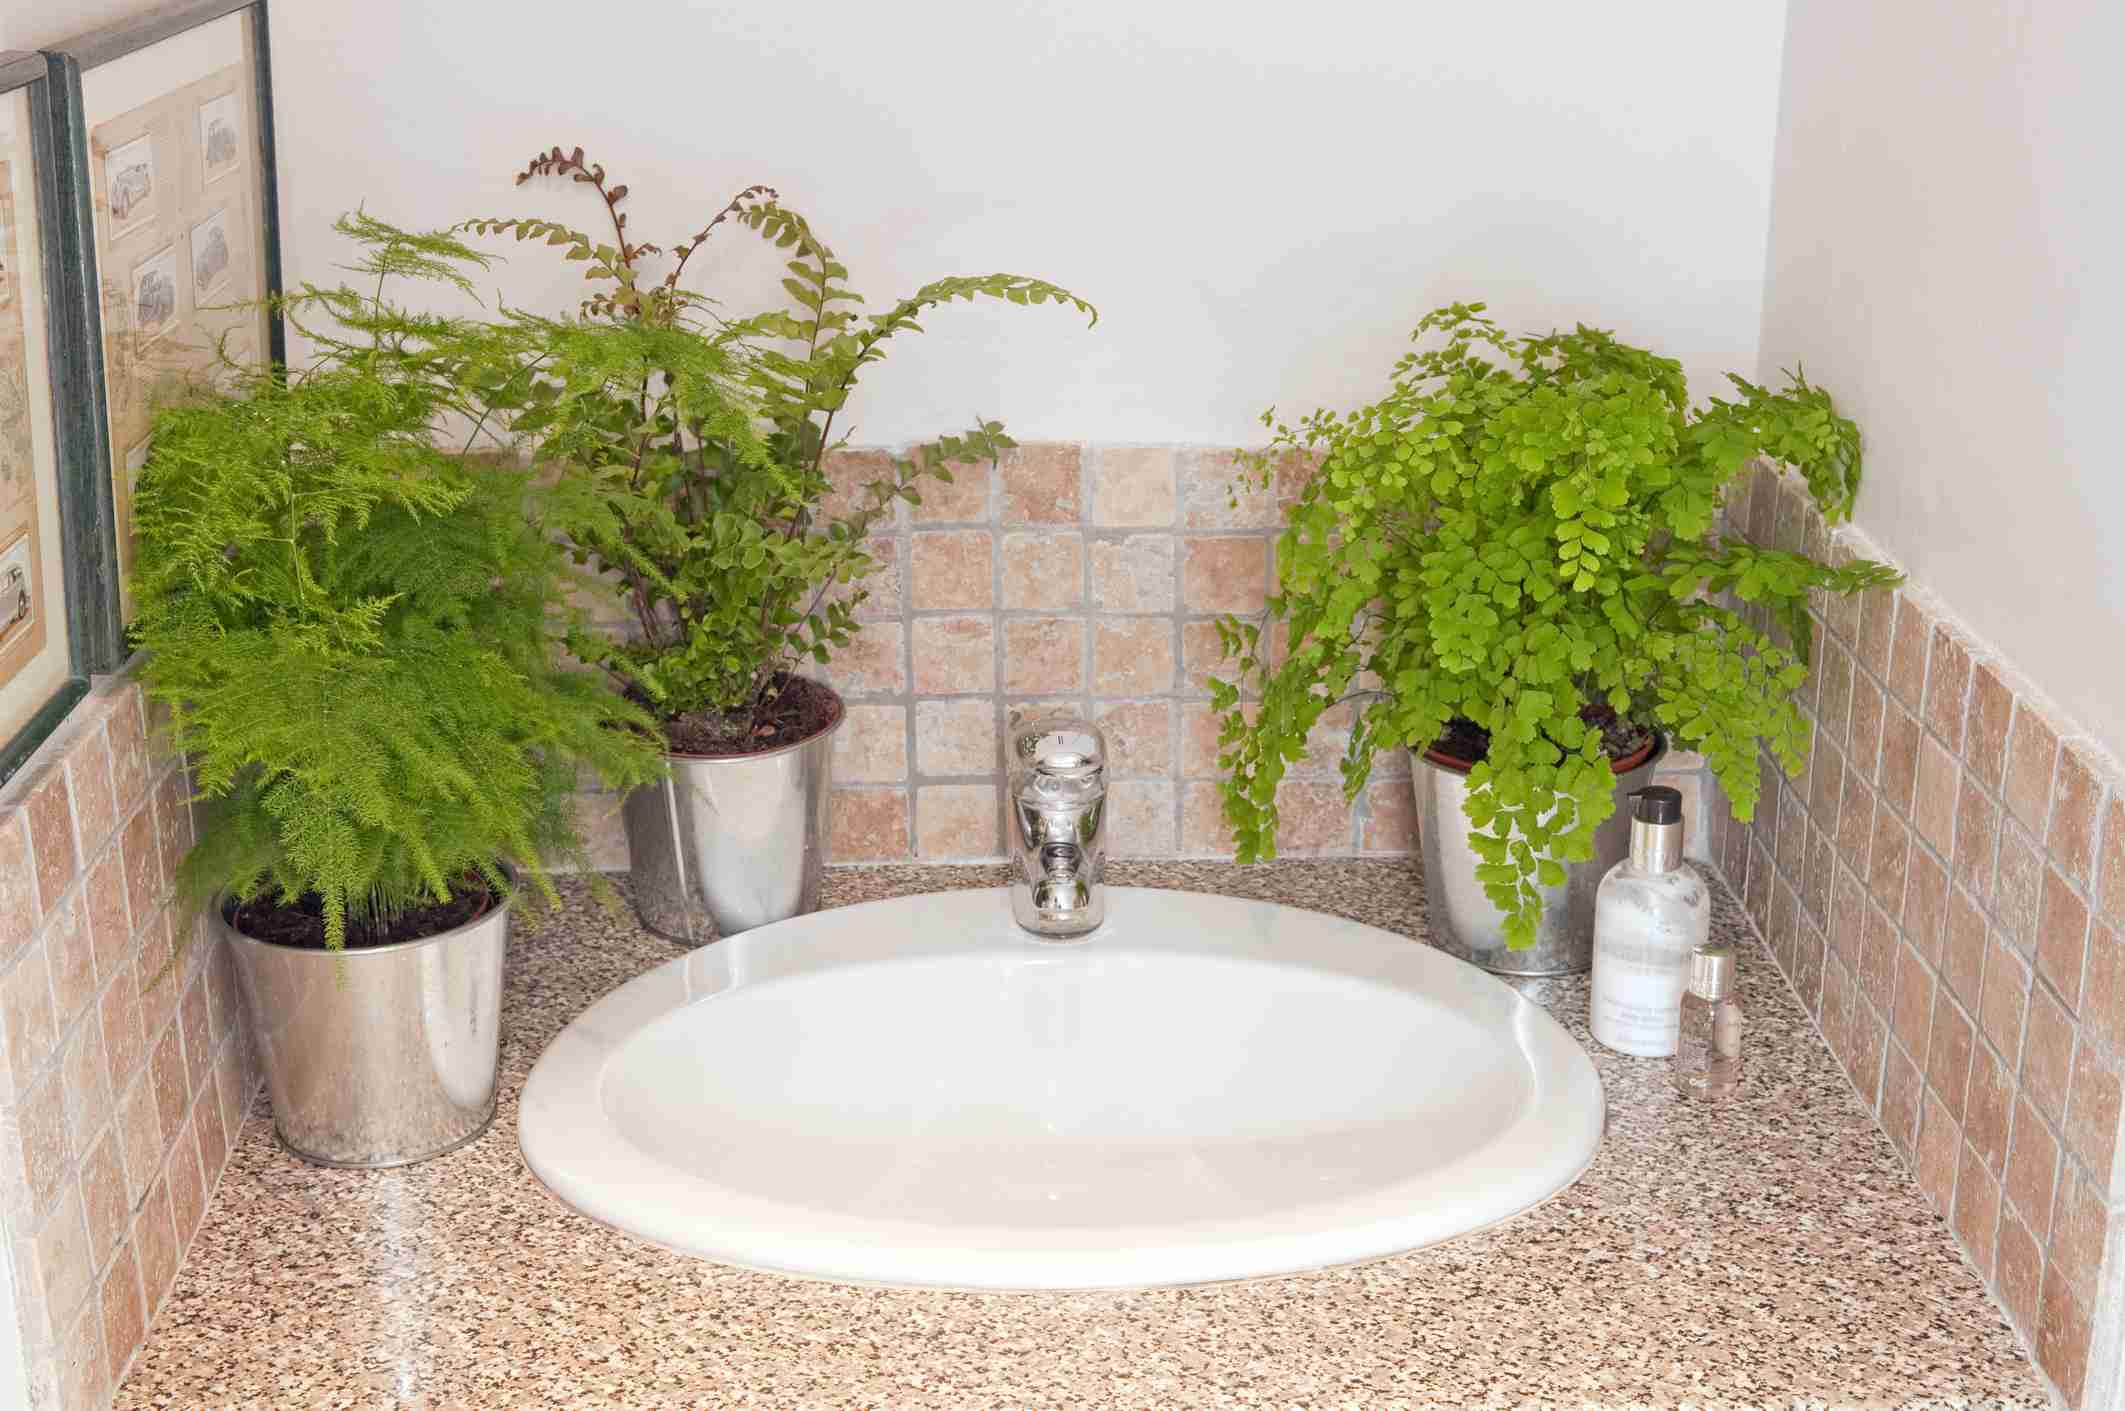 Ferns on bathroom counter